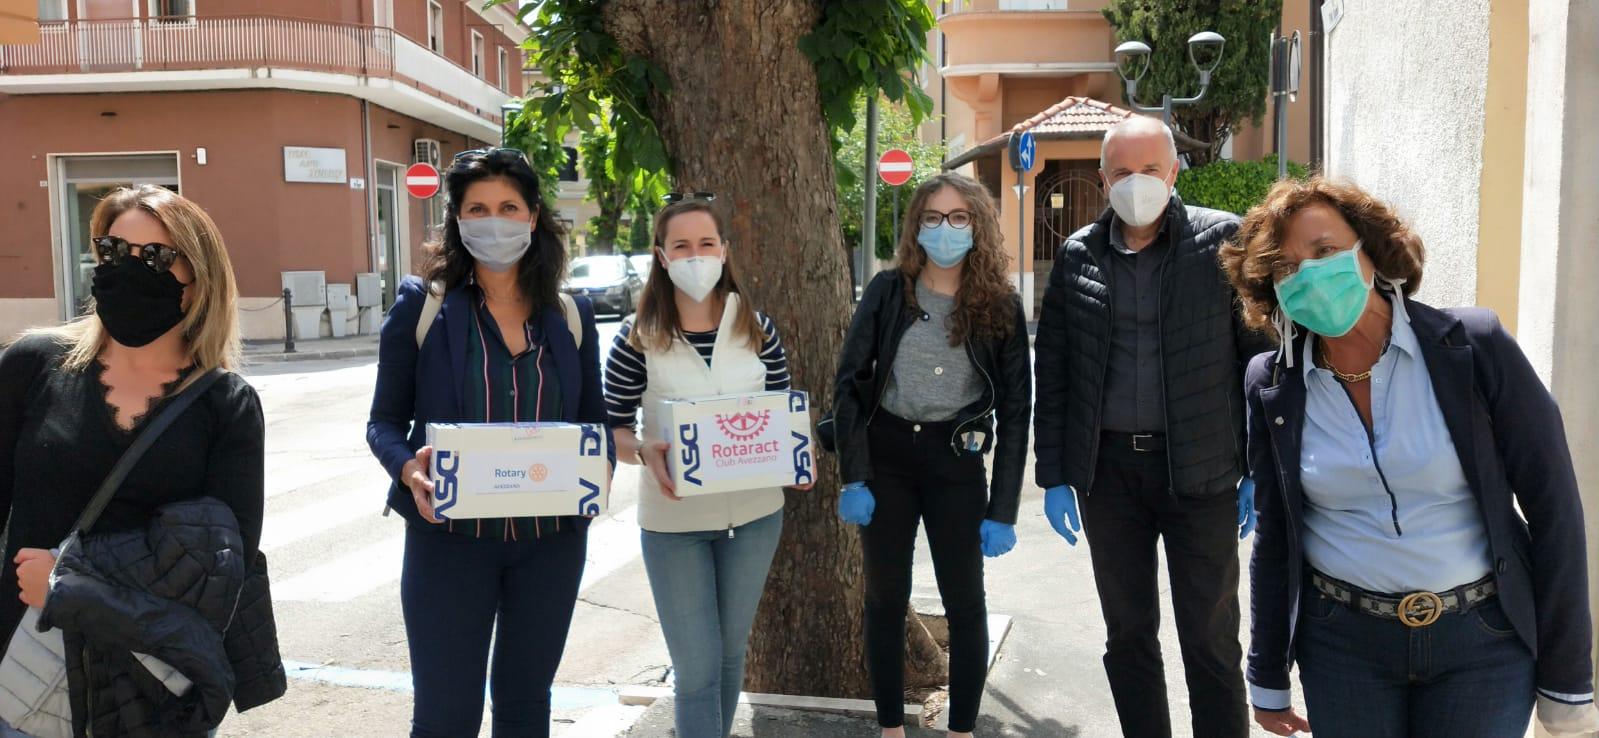 Proteggere chi aiuta, Rotary e Rotaract donano mascherine alla Caritas di Avezzano